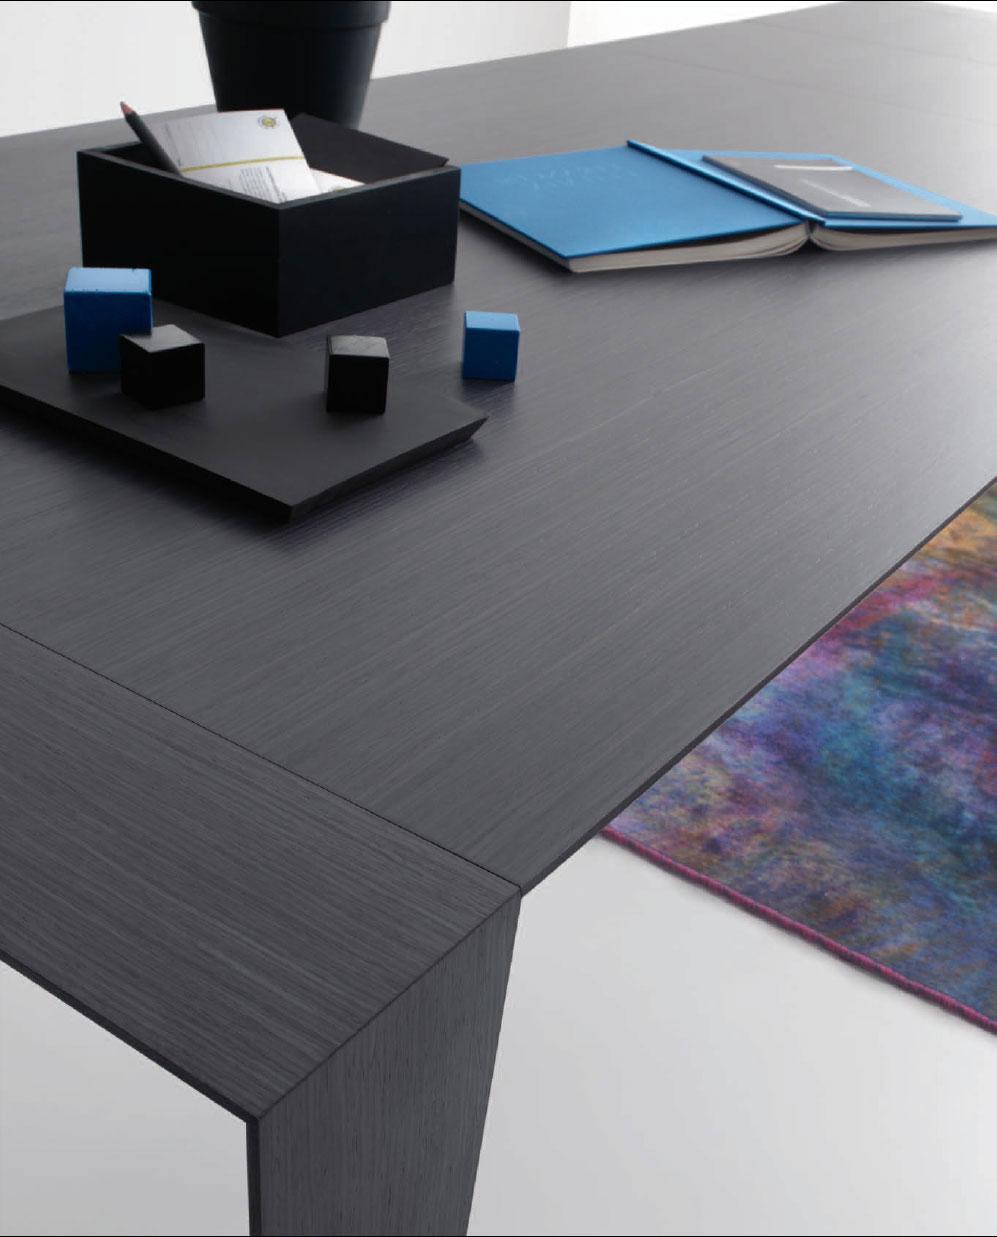 Table extensible rectangulaire design haut de gamme luxe maison moderne design en ligne meuble vente site qualité salle manger 10 personnes bois prix yacht